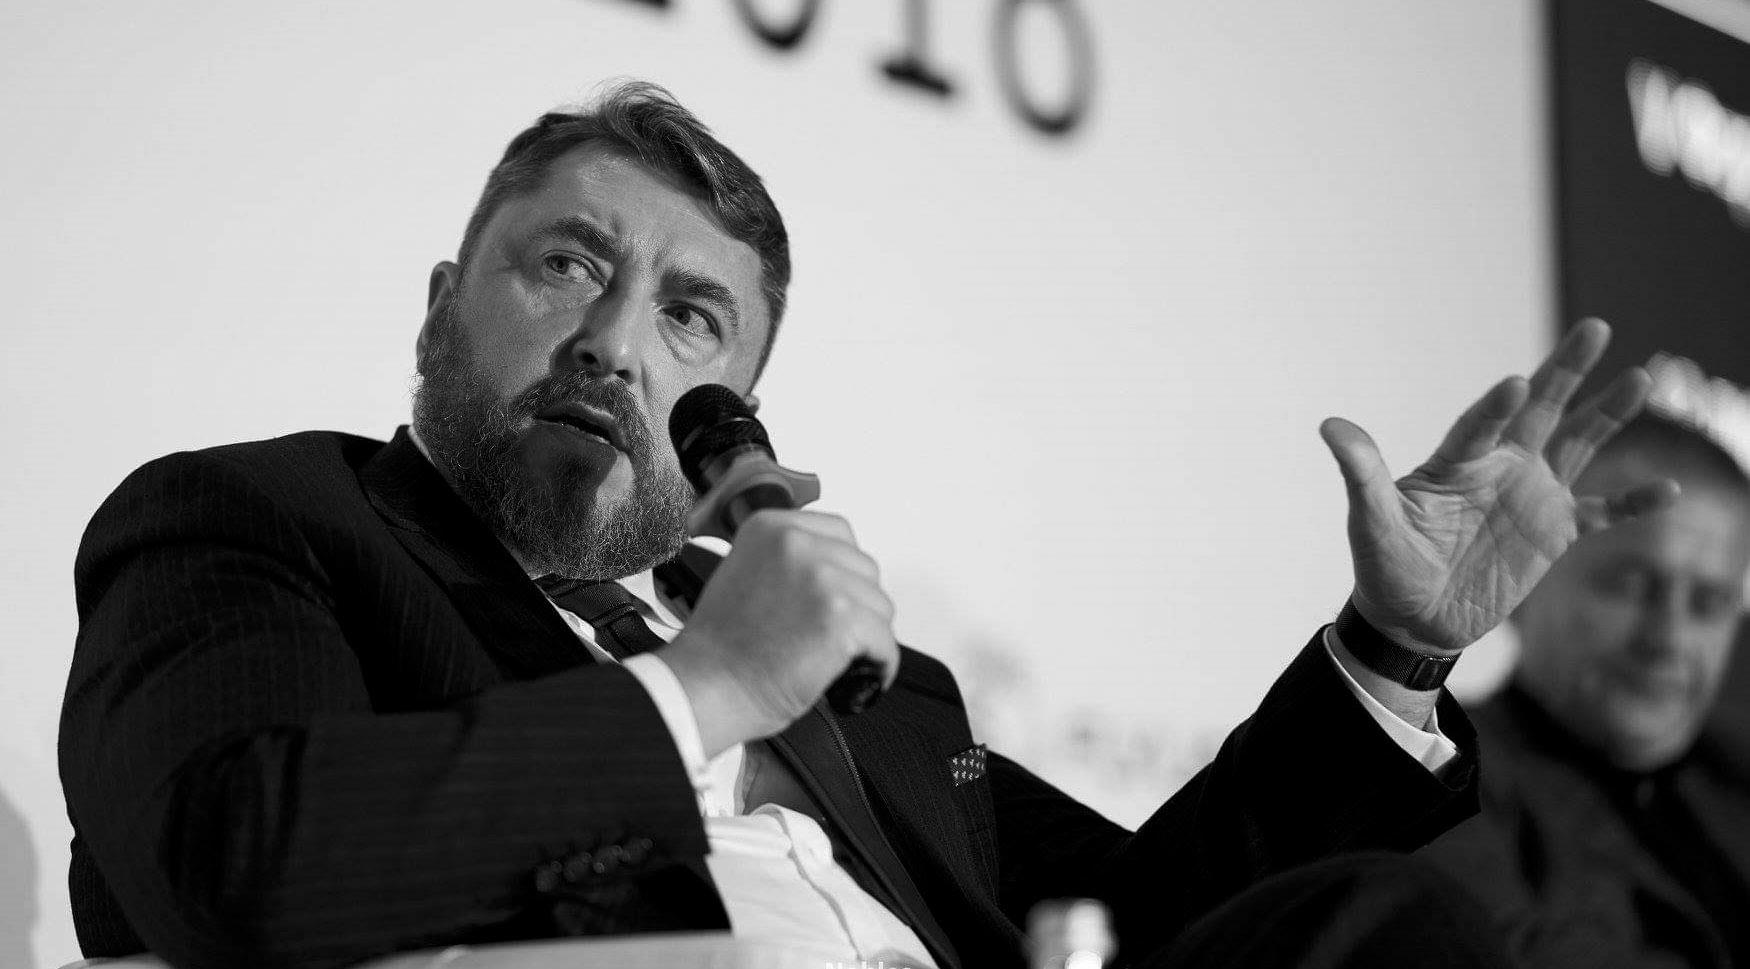 НАУЧНЫЙ ИНСАЙТ: бизнесмен Игорь Червак об эликсире молодости